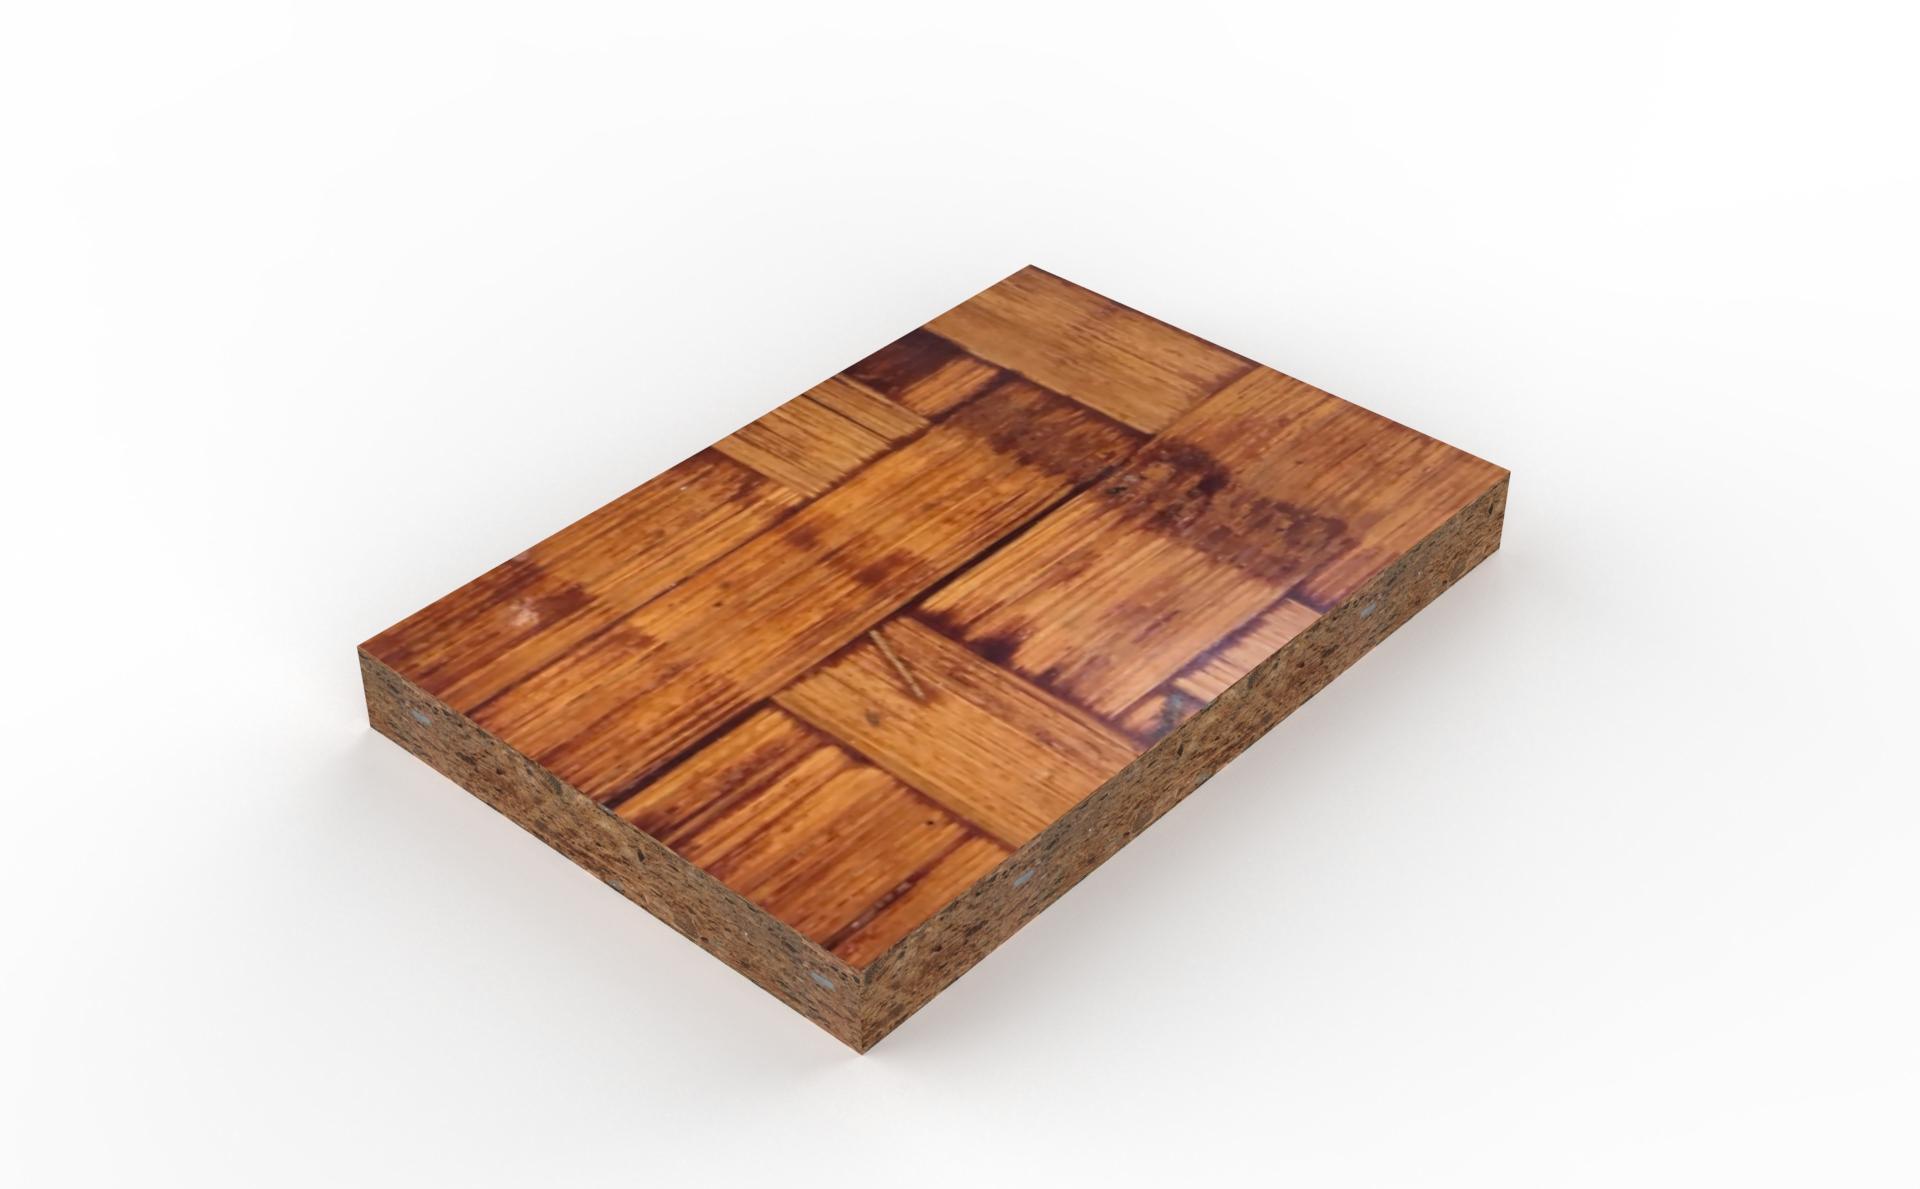 砖托板-精制竹材板